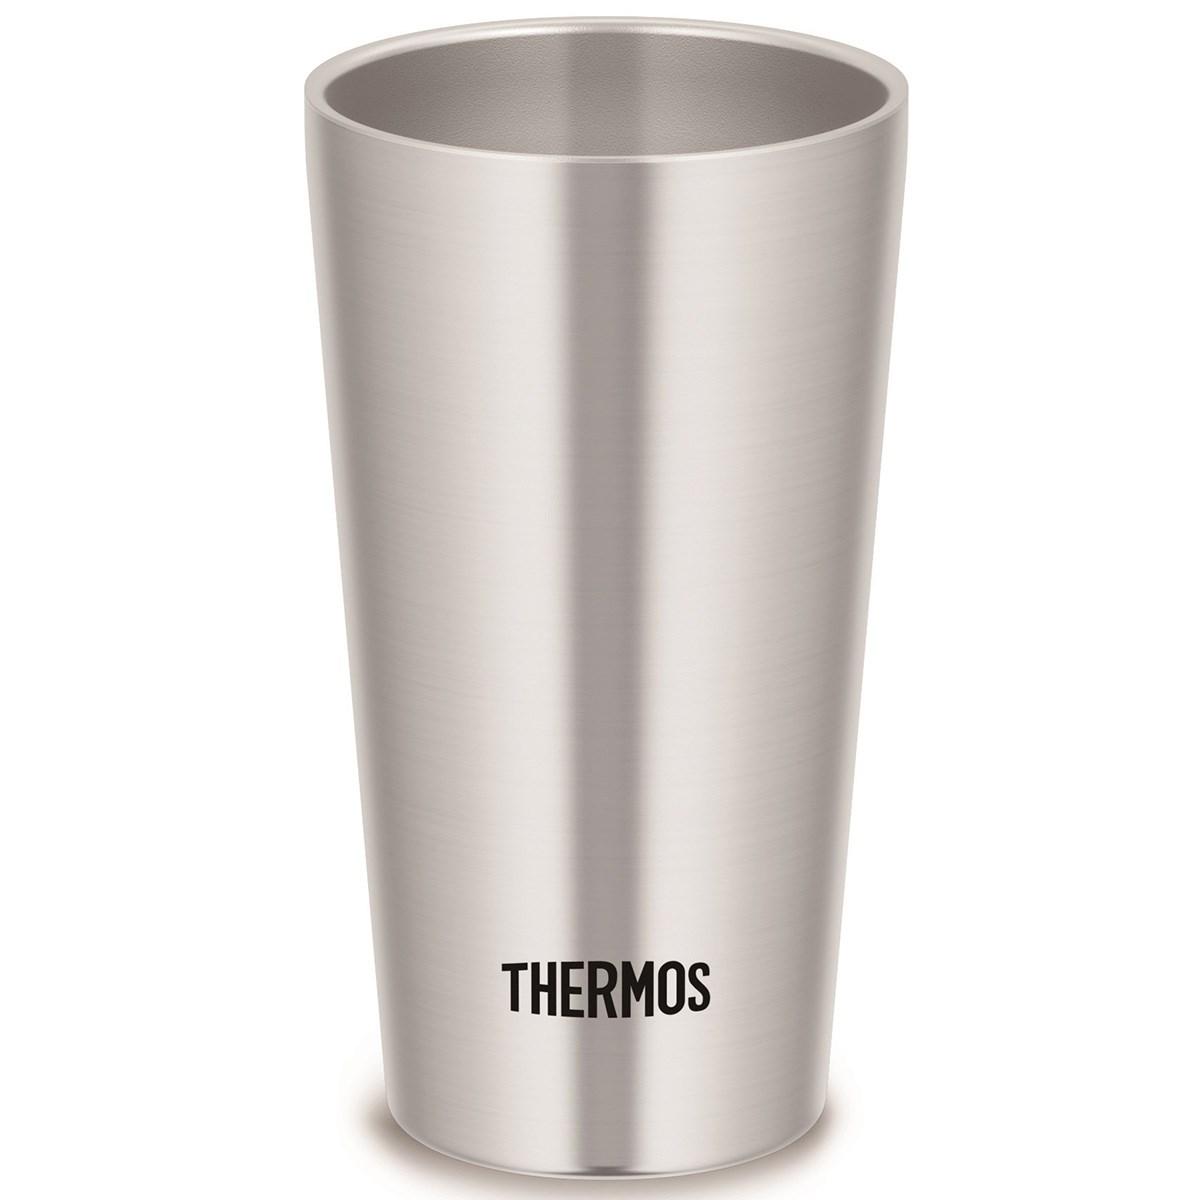 サーモス THERMOS 真空断熱タンブラー 0.3L ステンレス